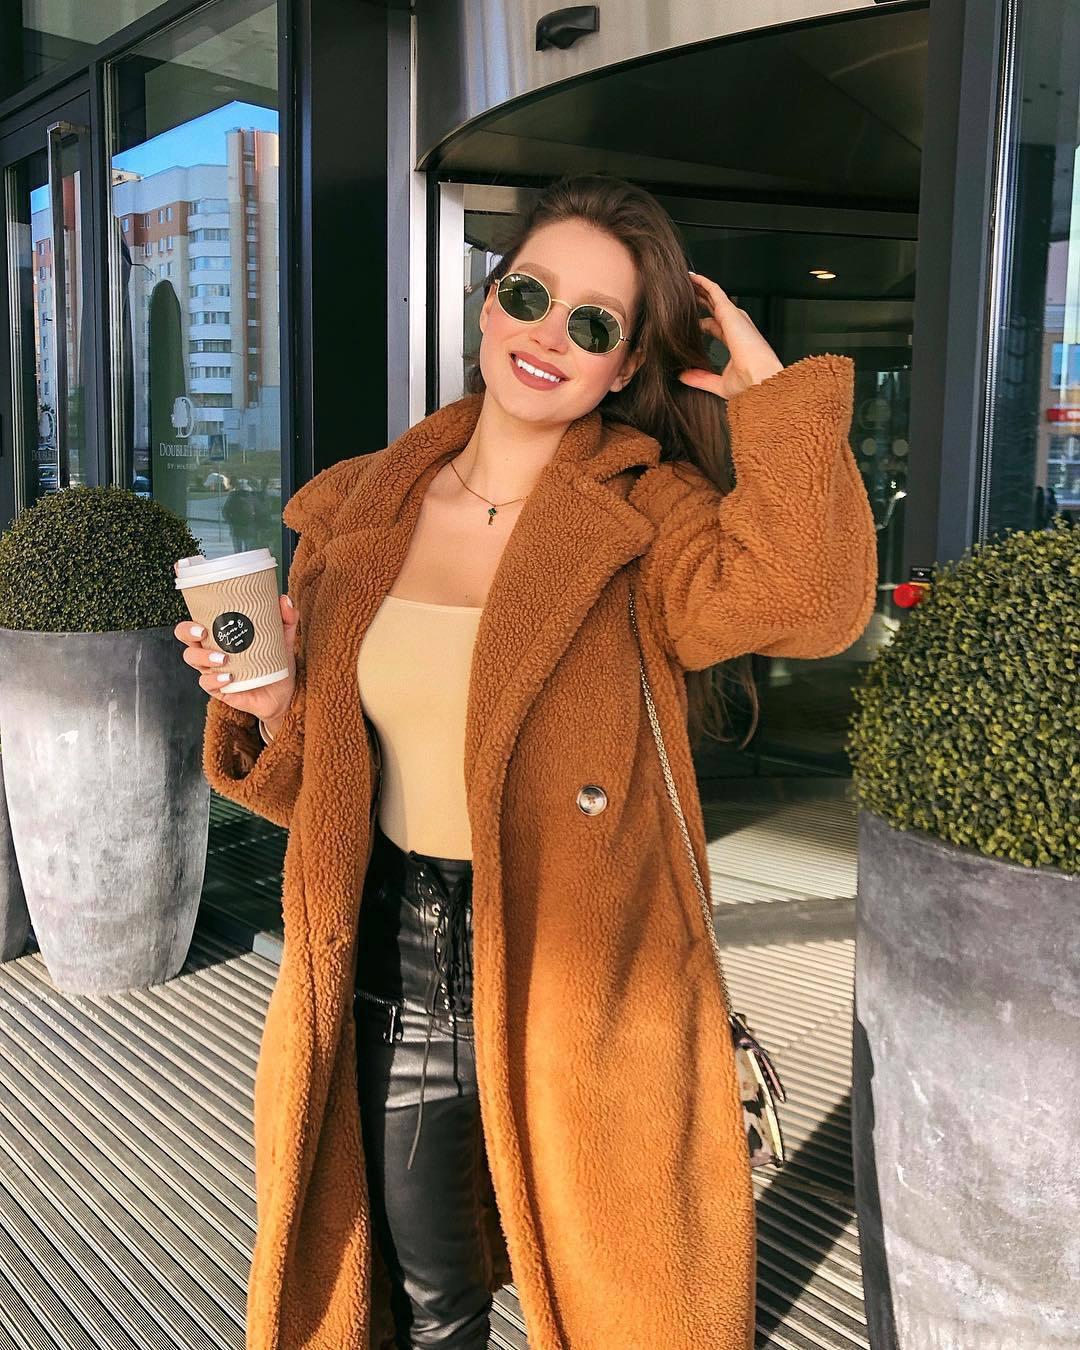 2020 Winter New Thick Warm Teddy Bear Jacket women Solid Casual Oversized Outerwear Overcoat Women Faux Lambswool Fur Coats